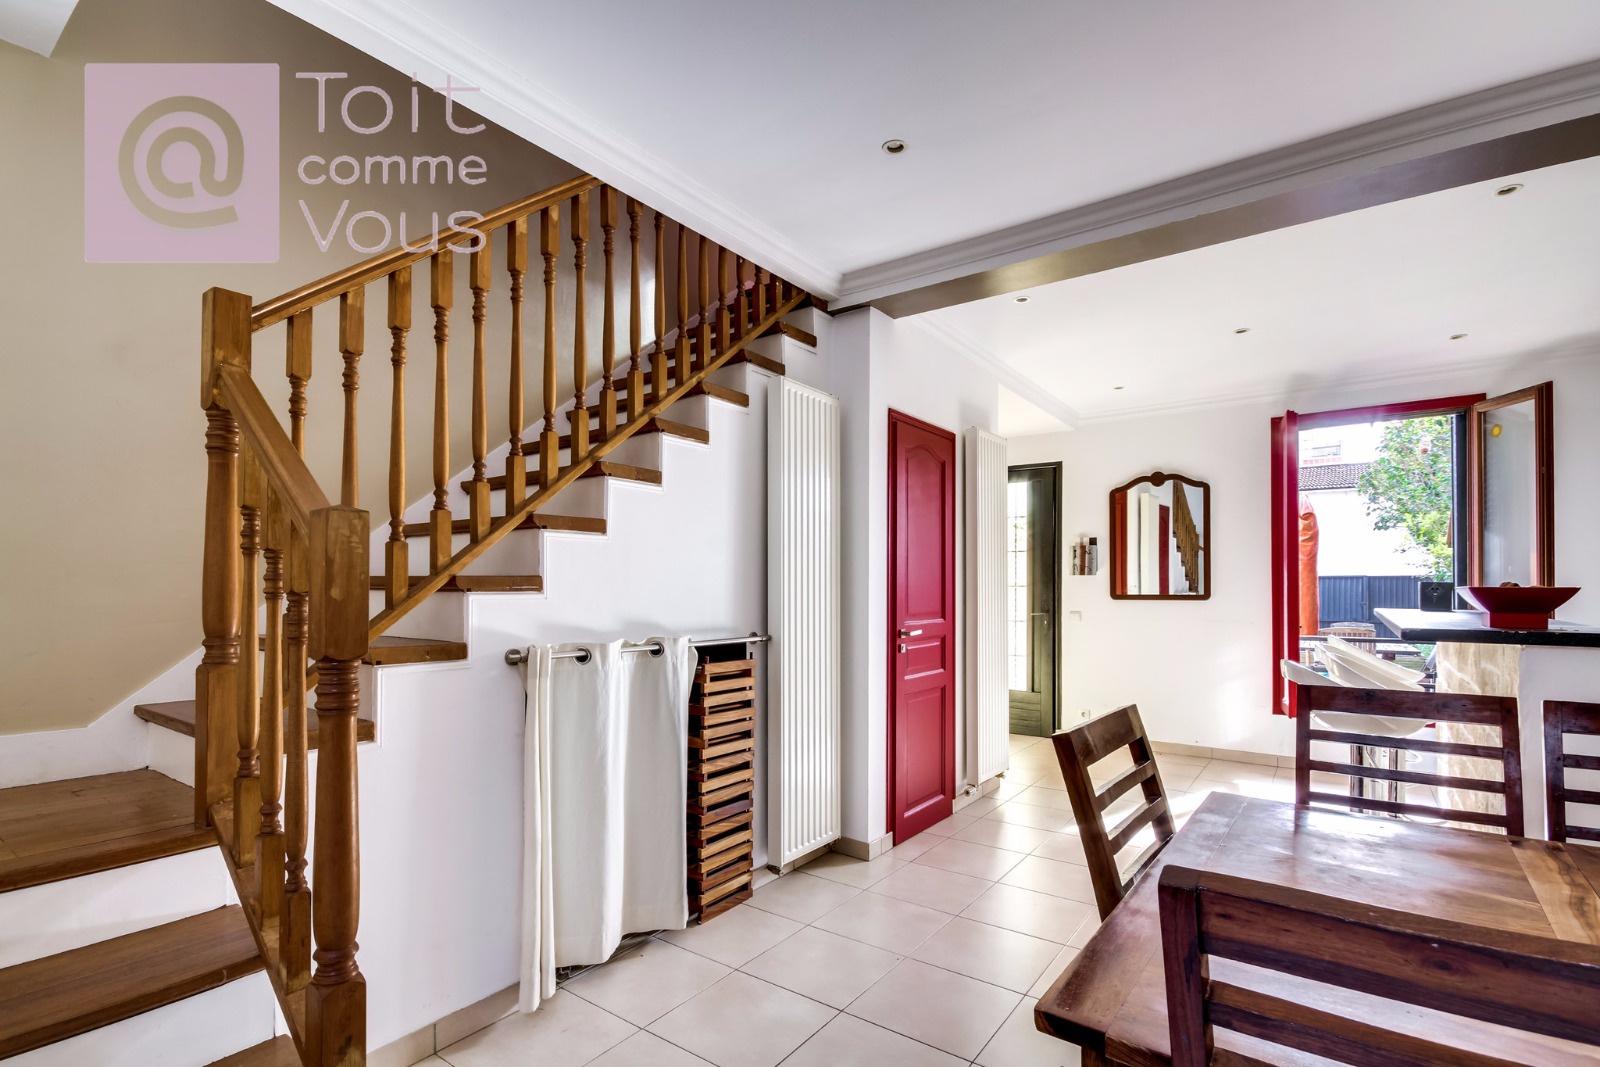 Vente maison montreuil avec l 39 agence toit comme vous immobilier - Maison rouen jardin des plantes montreuil ...